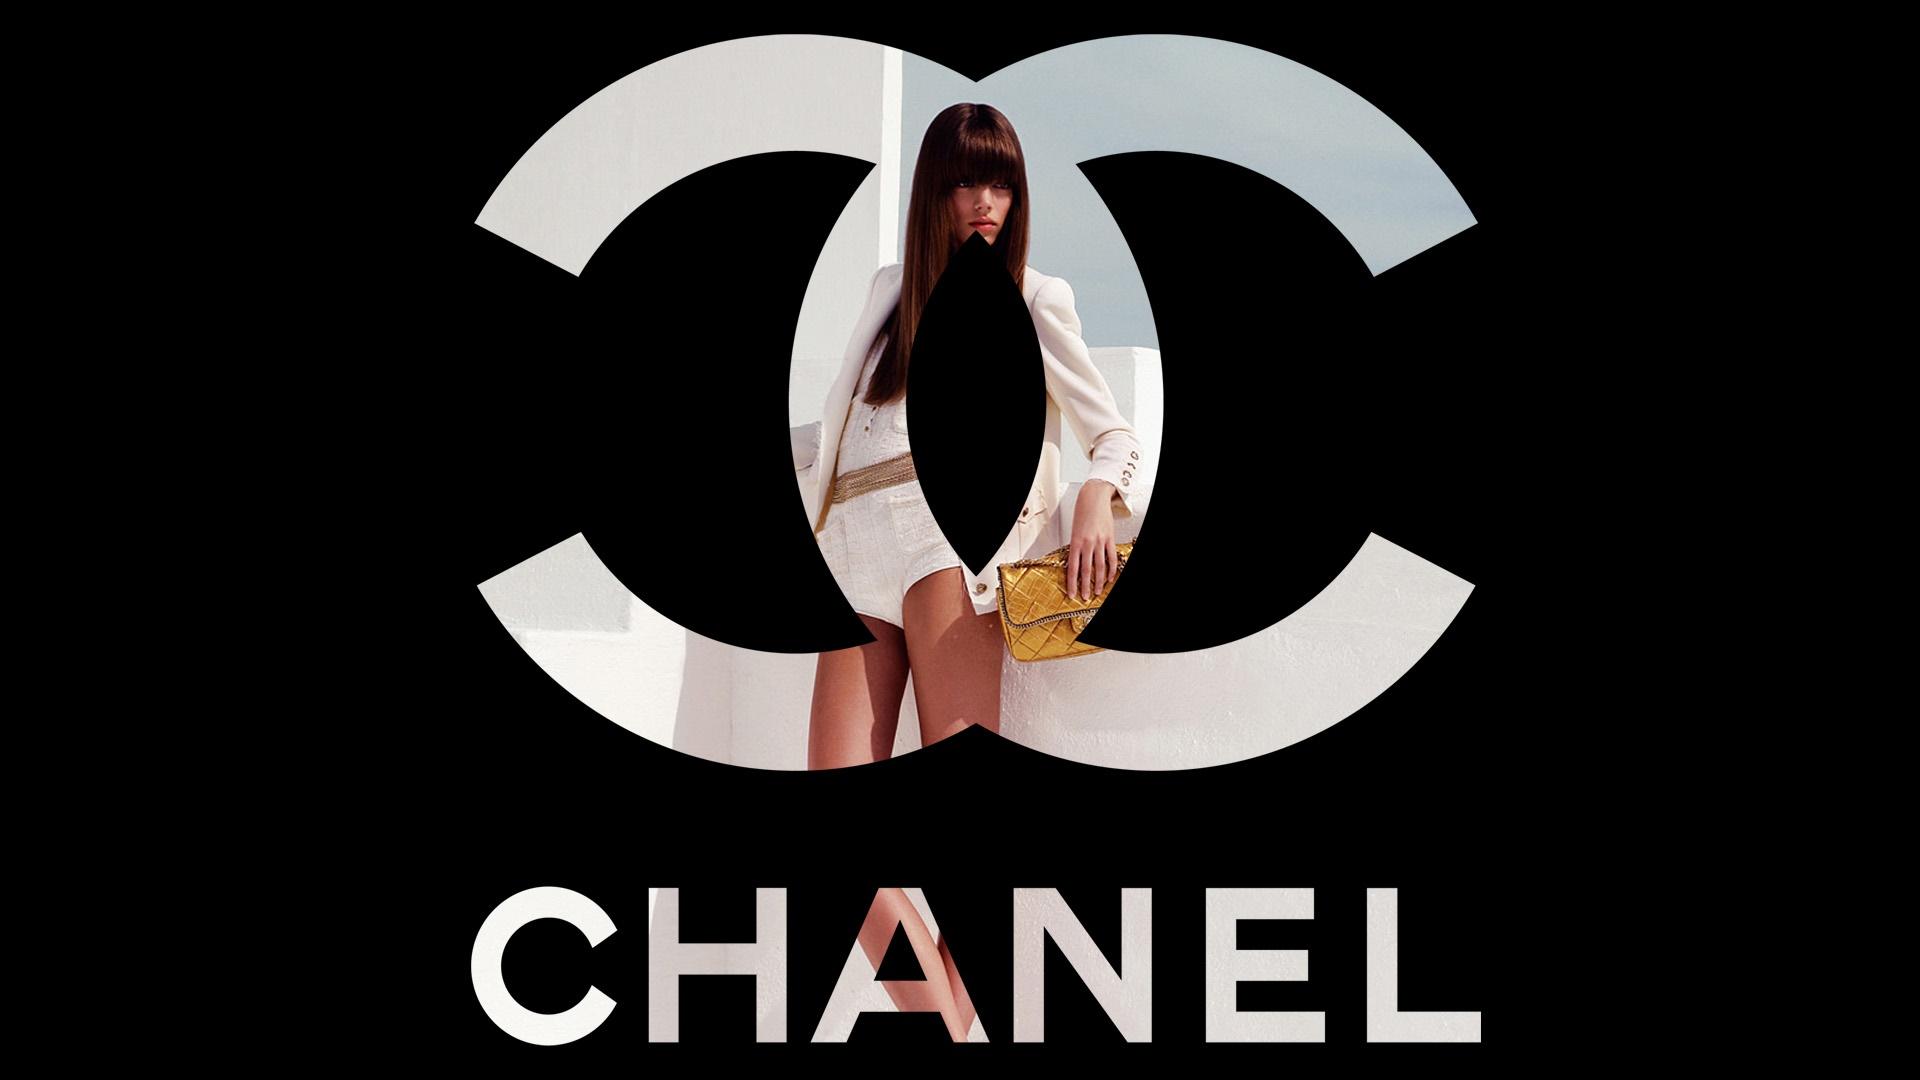 Travel Agency Wallpaper Hd Logo Chanel Wallpapers Hd Pixelstalk Net